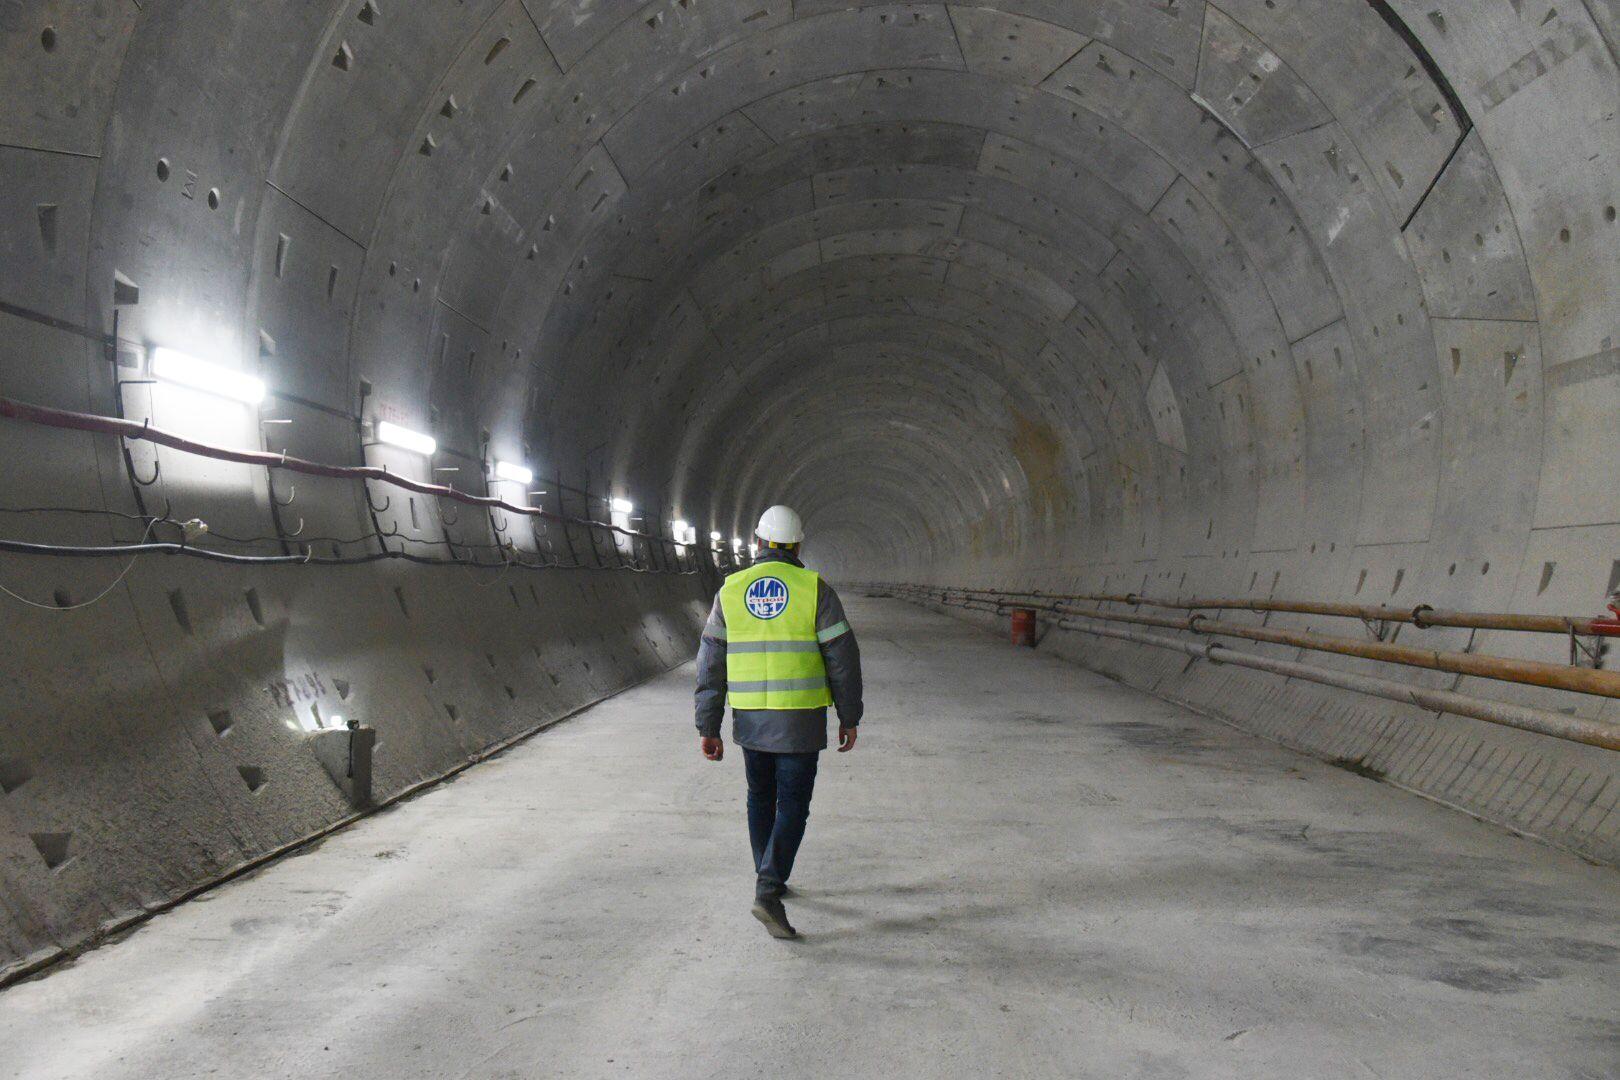 Власти Москвы рассказали о планах продления Сокольнической линии метро